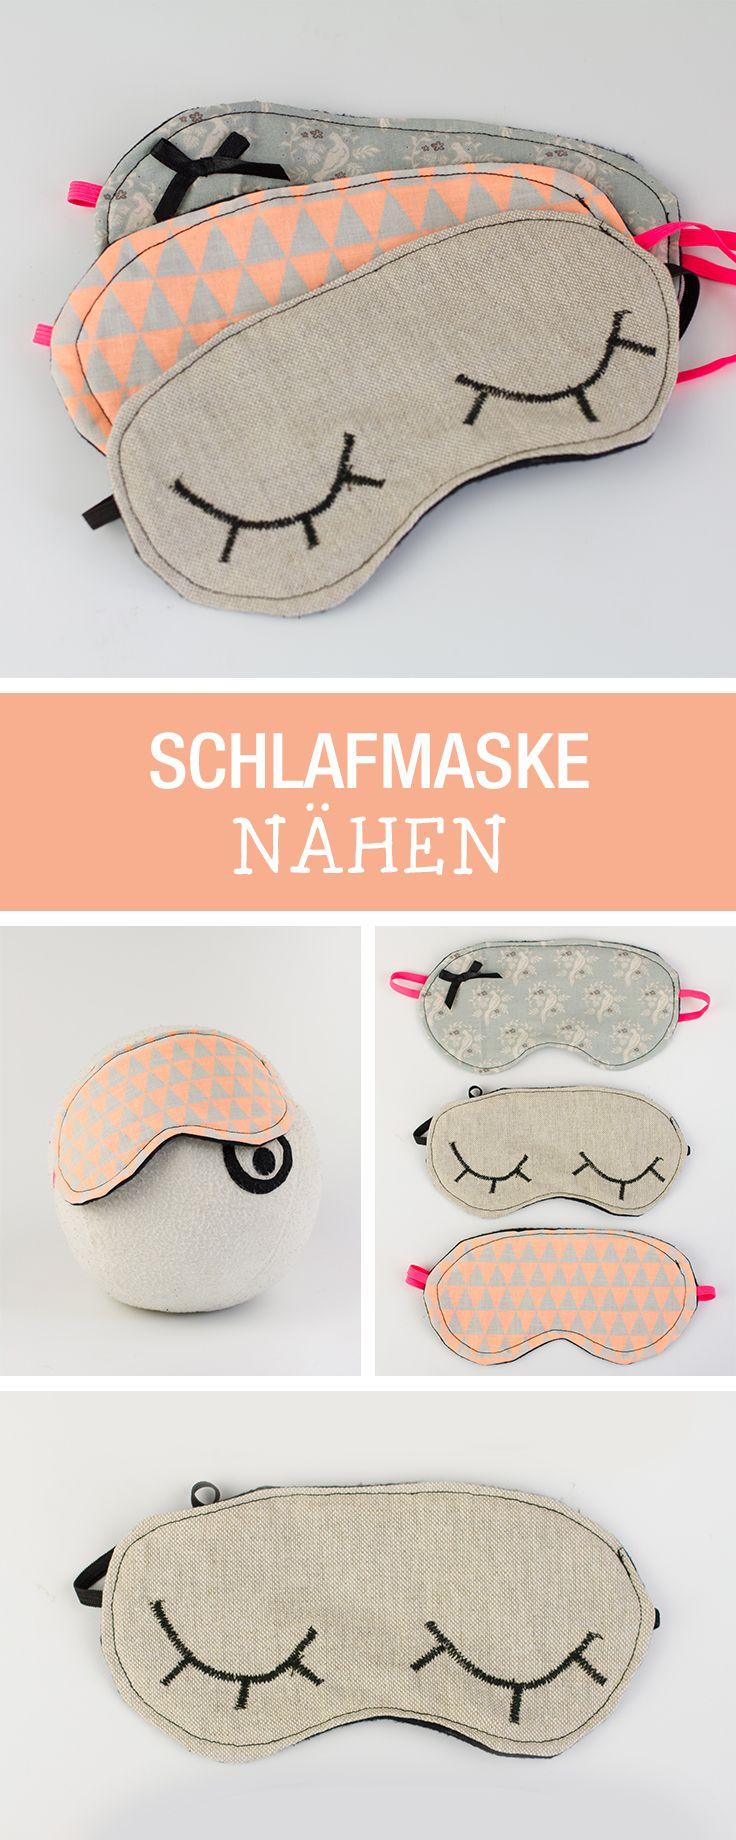 DIYAnleitung Schlafmaske nähen via